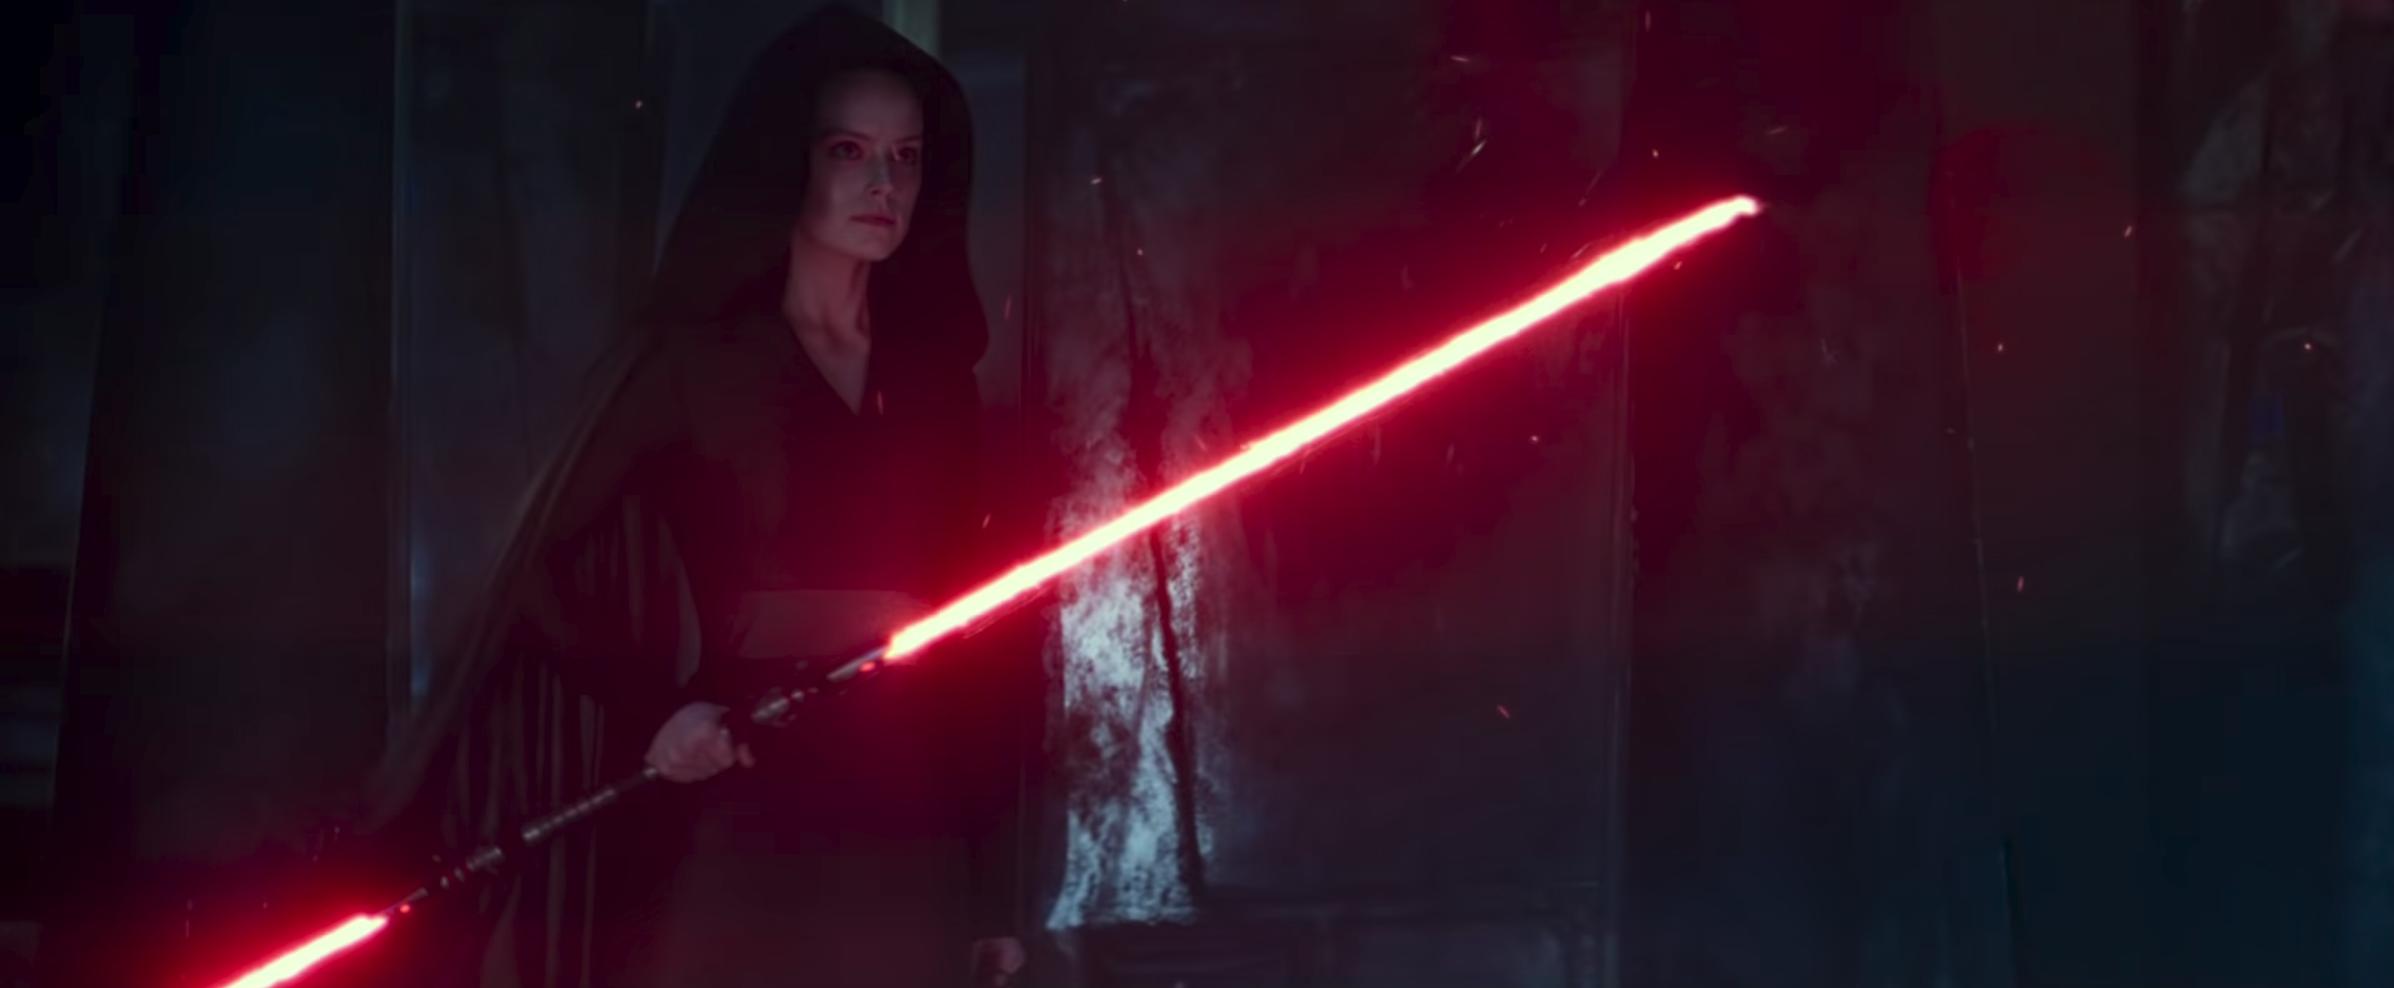 Star Wars The Rise Of Skywalker Plot Leaks Reveal Emperor Palpatine And Dark Rey Spoilers